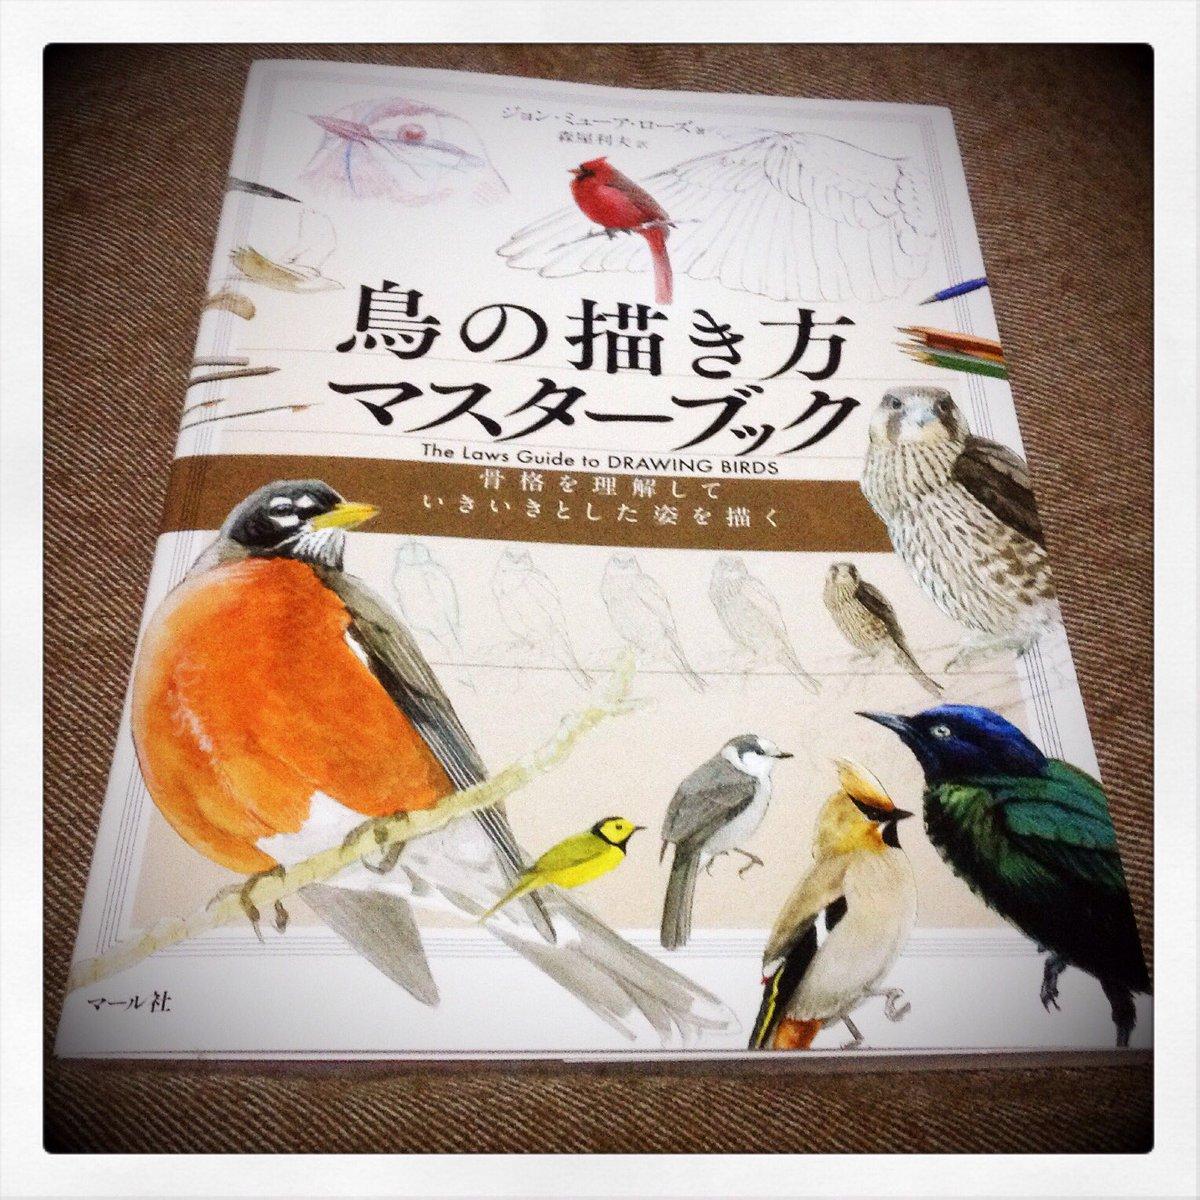 鳥の構造とかわかる資料ないかなーとずっと思ってたところでこの本を買ってらっしゃるのを拝見したので迷わず即買い。  嘴から脚までどういう構造かとか、羽毛の生えてる方向とかかなり詳しくてすばらしい。 https://t.co/7CETG4IYfe